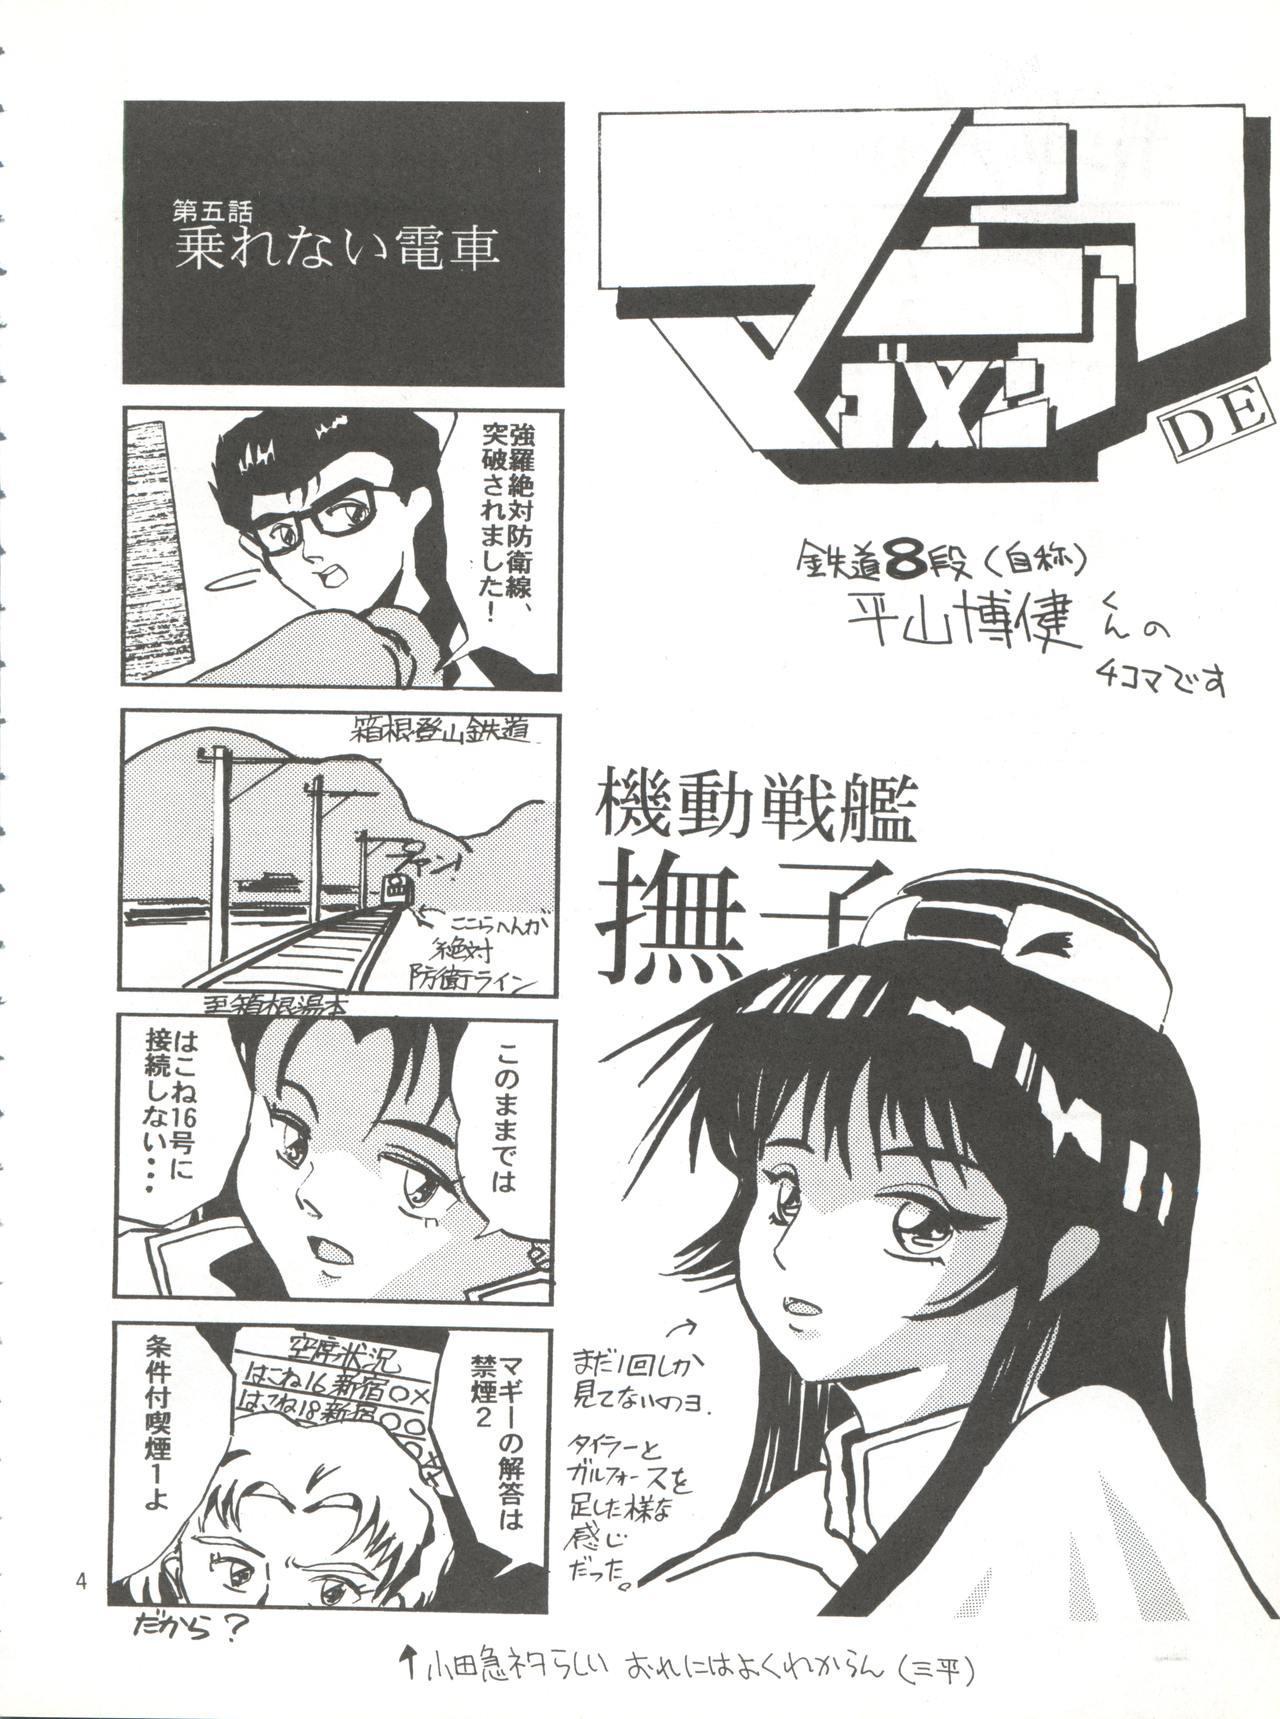 Misao 3